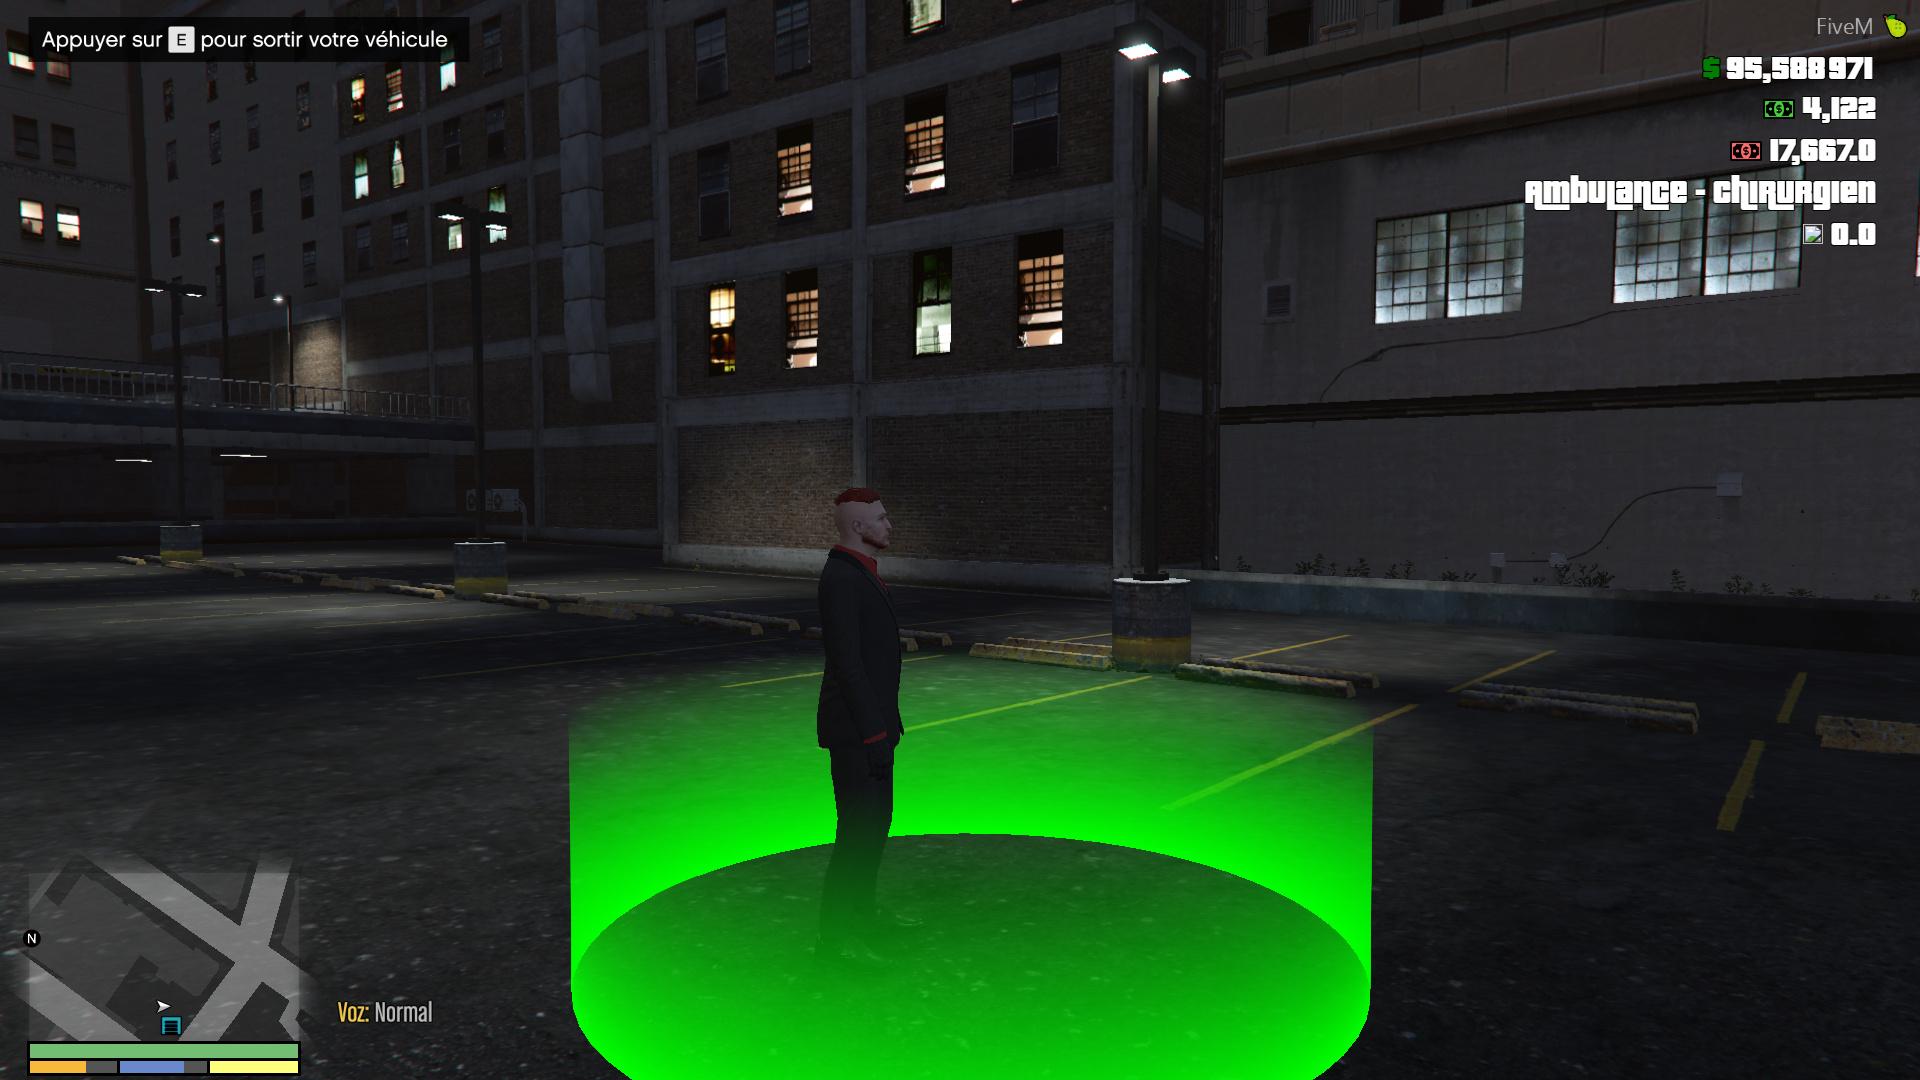 DJXM Mini Banc de Parc//Grand-p/ère et Grand-m/ère mod/èle//Miniature en Plastique Statue de Jardin Paysage Jardin d/écoration Ornements 2